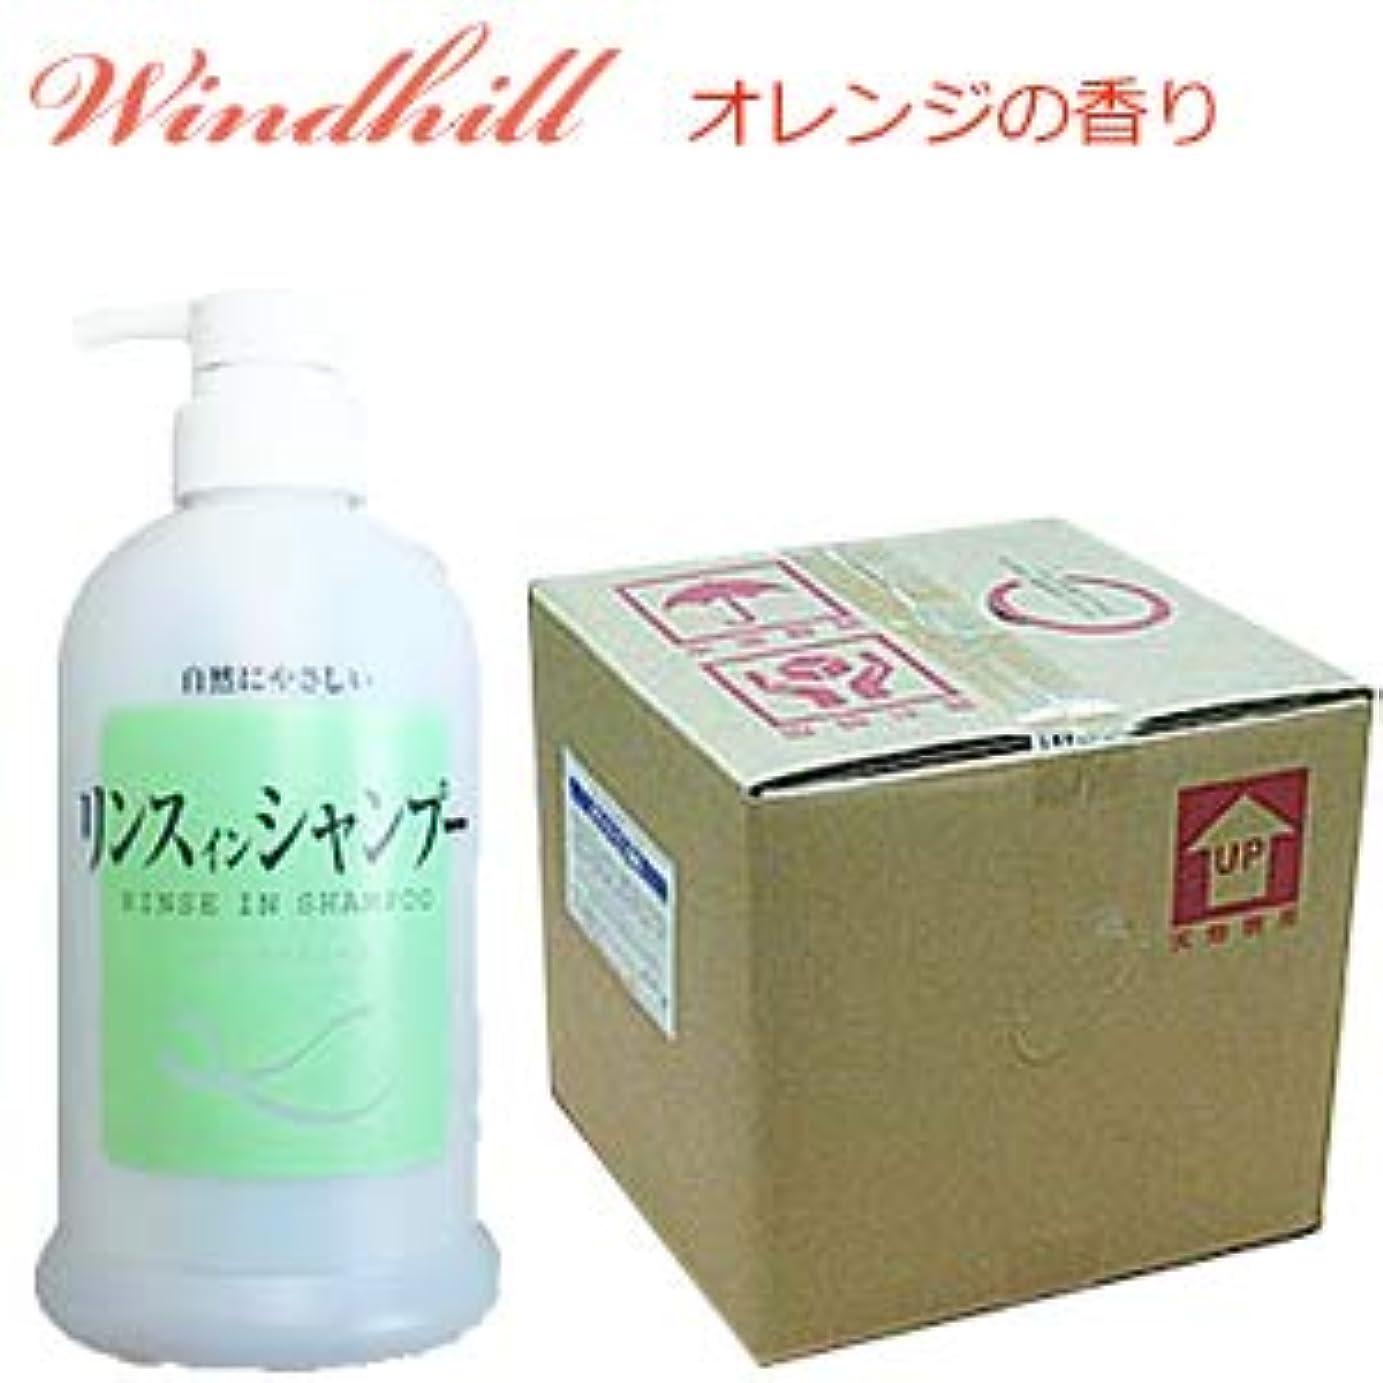 スリップシューズ頭蓋骨バッジWindhill 植物性業務用 リンスインシャンプーオレンジの香り 20L(1セット20L入)